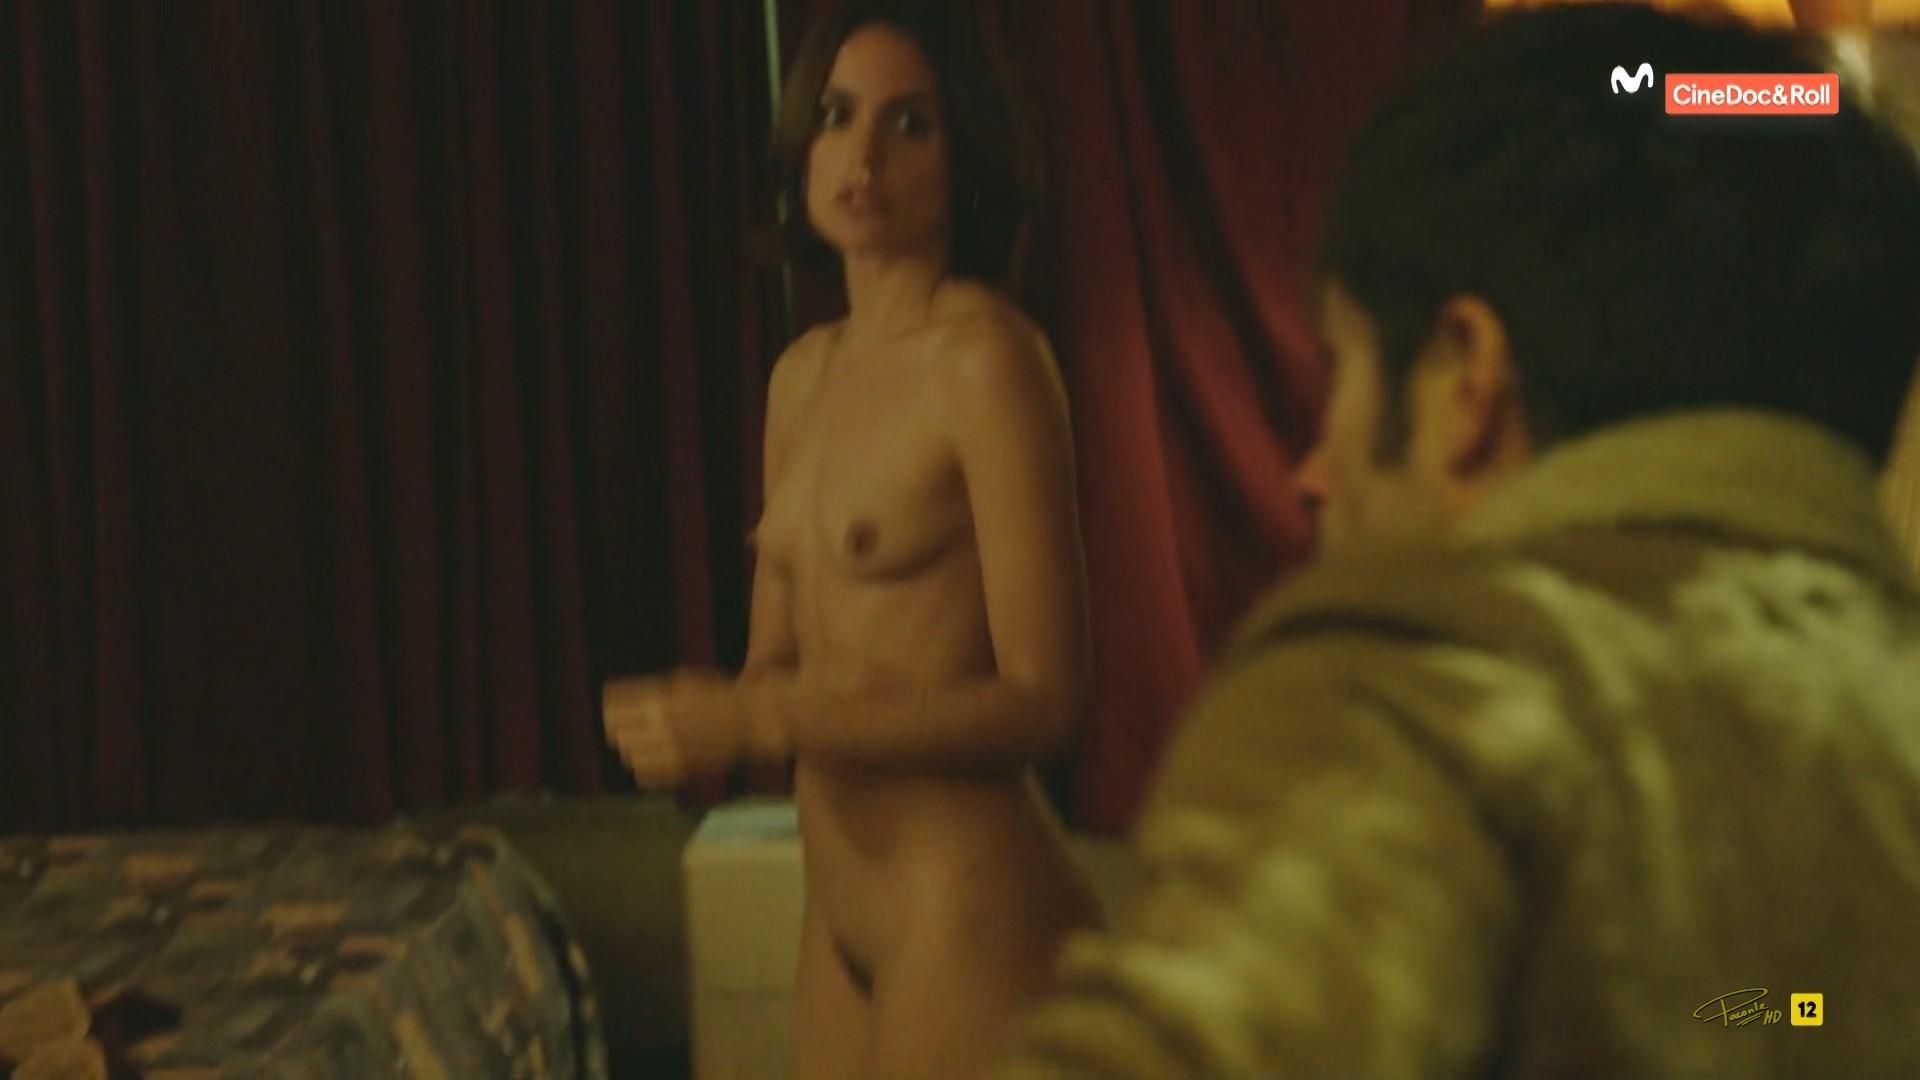 Jennifer dark nude